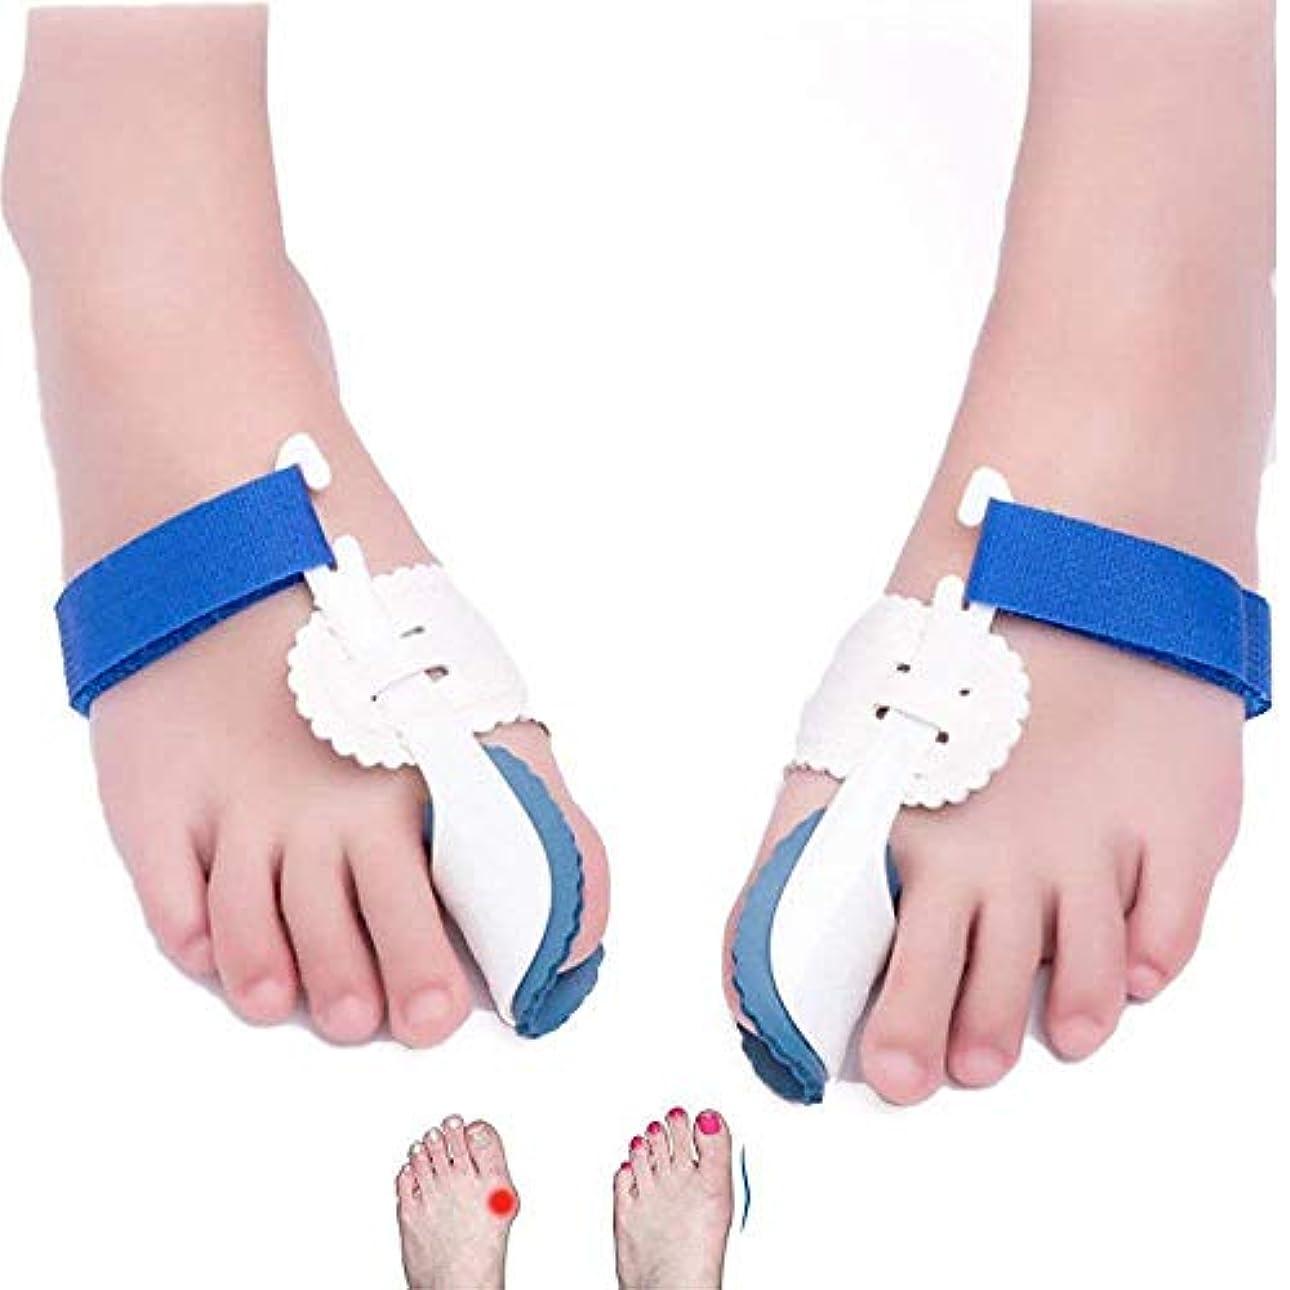 センター哺乳類栄光プロテクターフットケア親指外反矯正調整可能な腱膜矯正副子肘腱膜補助矯正矯正器として役立つ男性&女性用つま先セパレーター